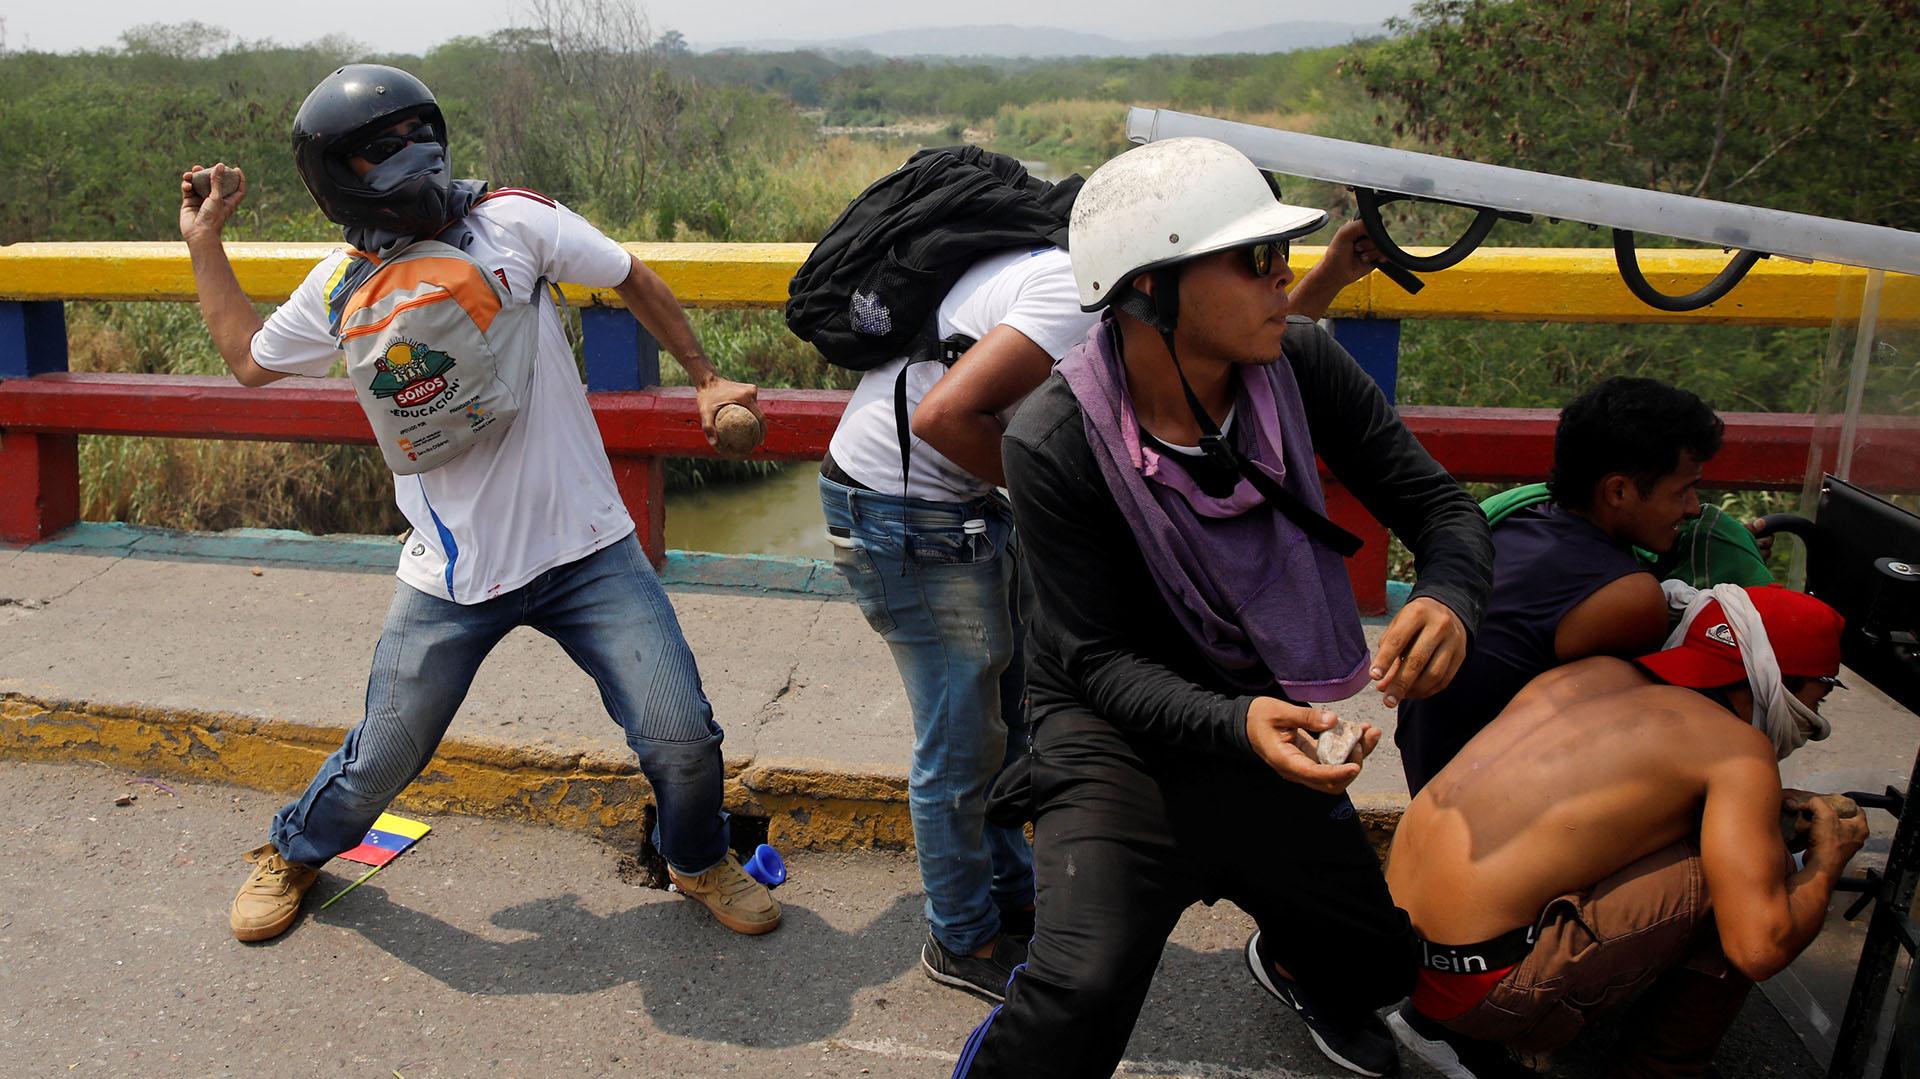 Los manifestantes se enfrentan a las fuerzas de seguridad de Venezuela en Cúcuta (Reuters)